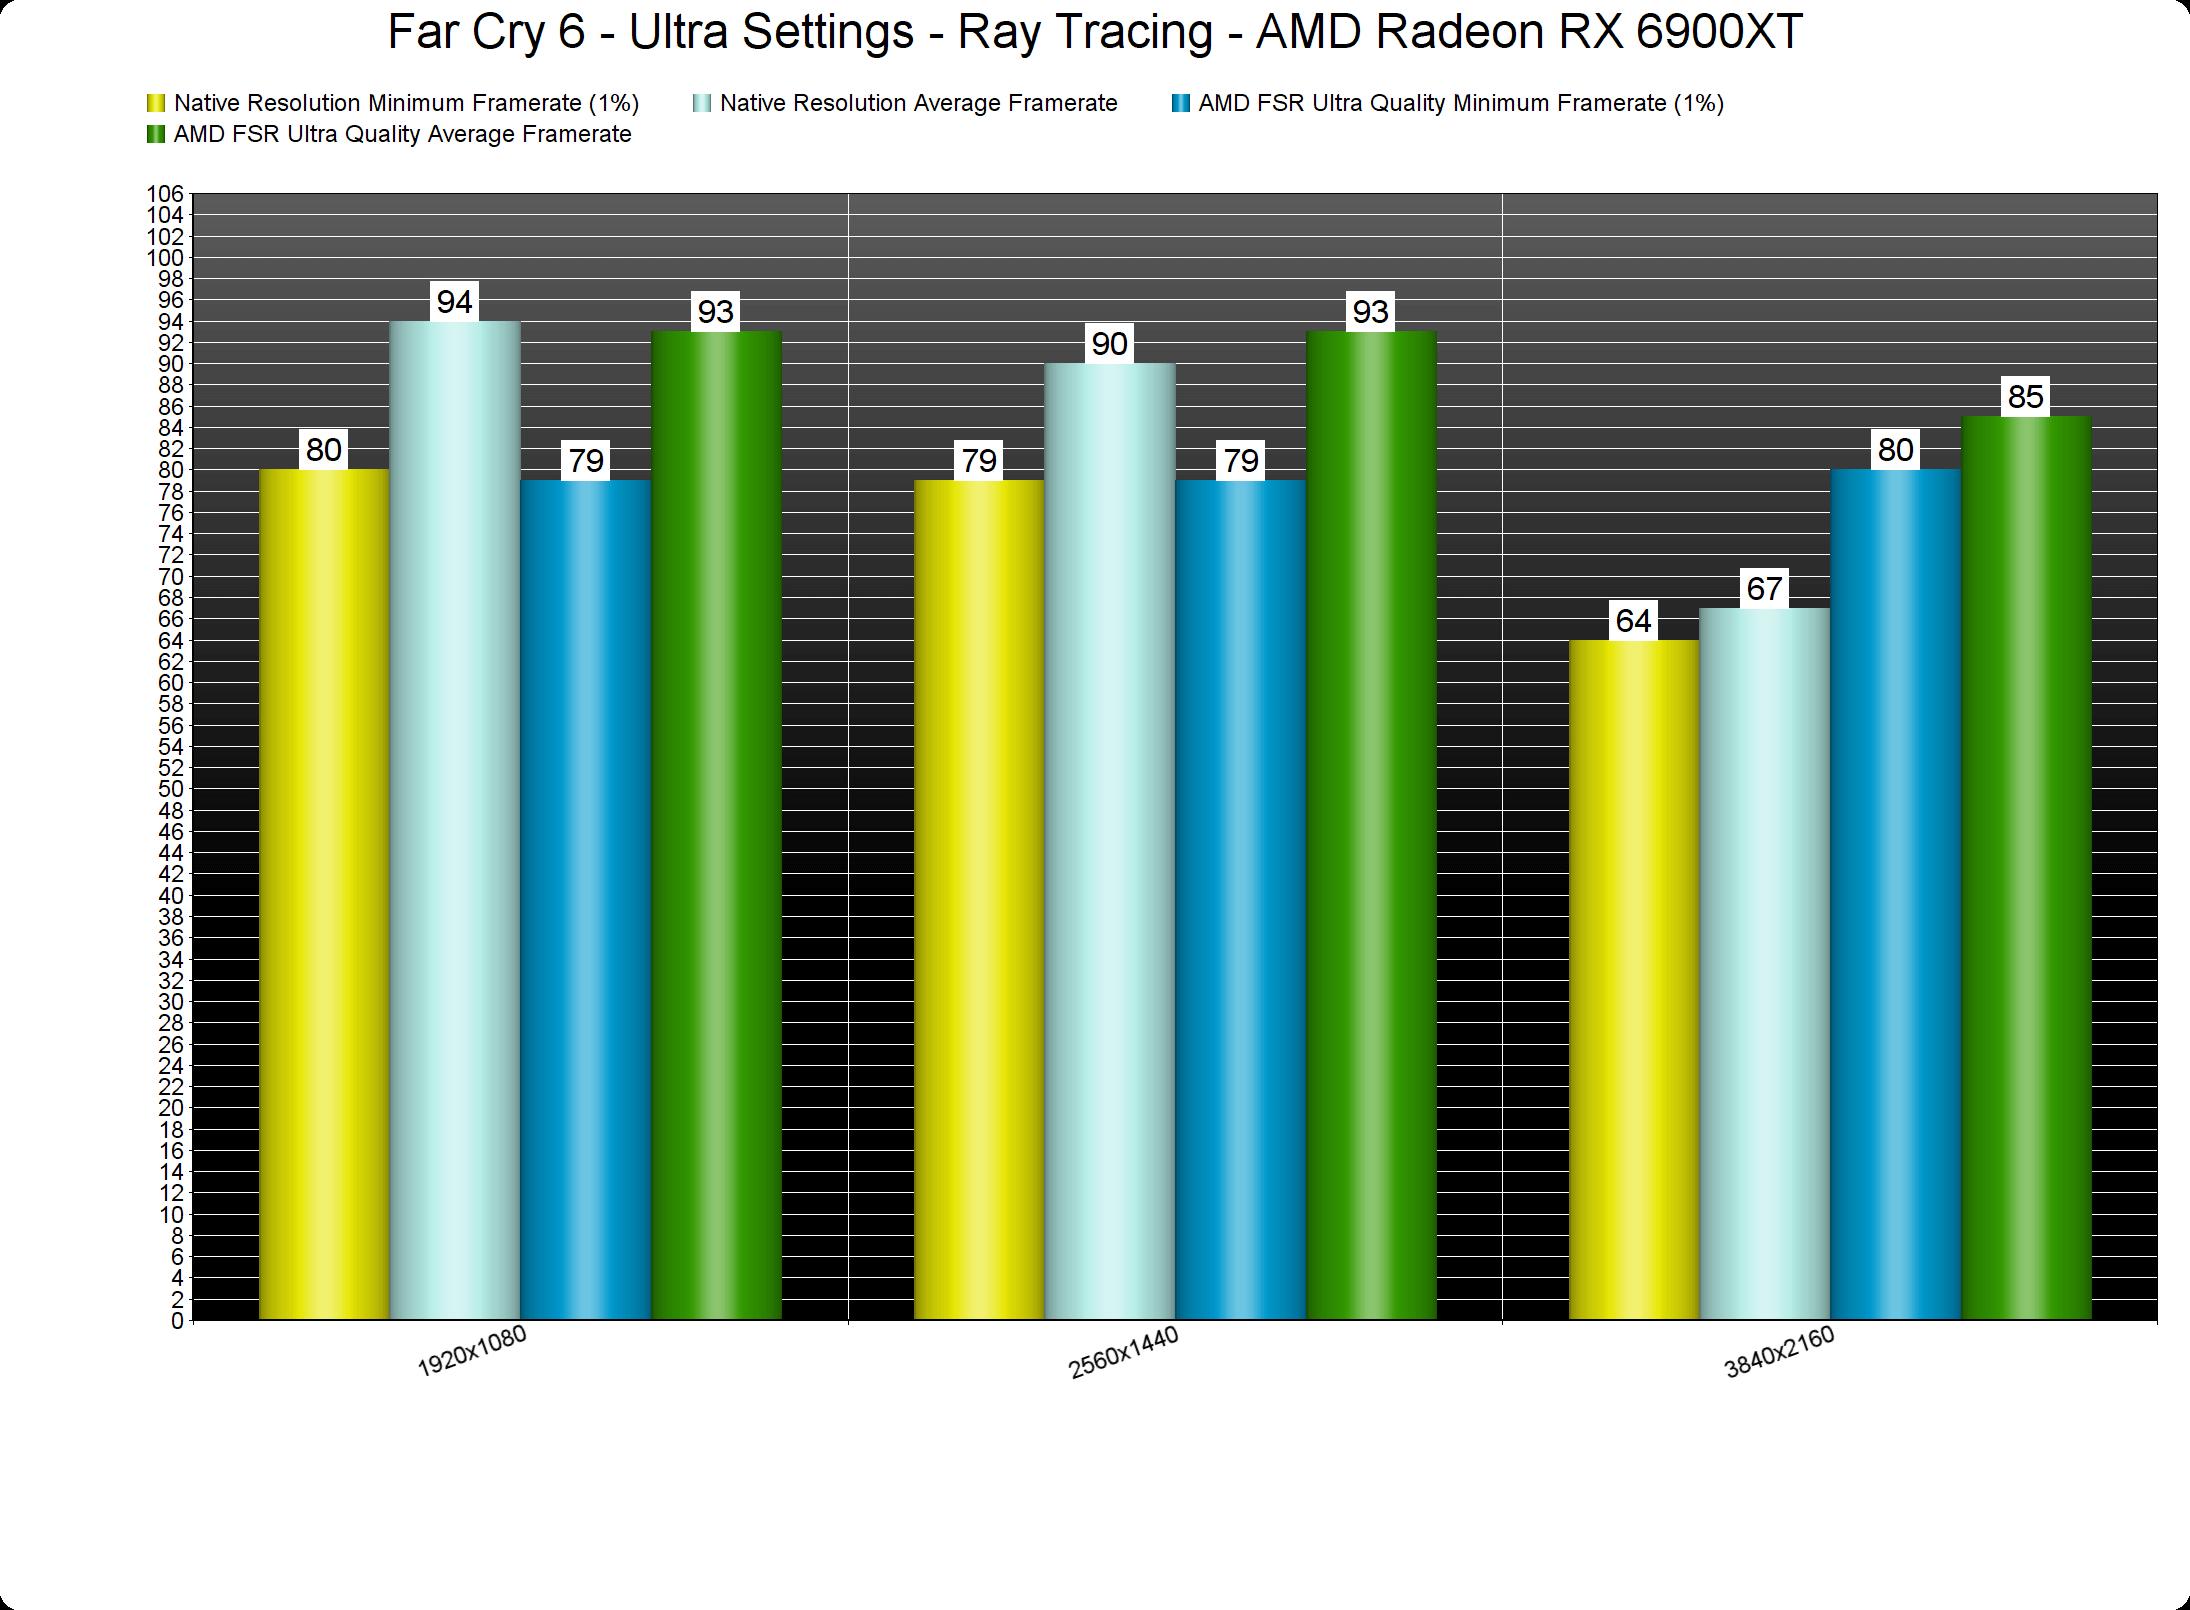 Far Cry 6 AMD FSR benchmarks-2